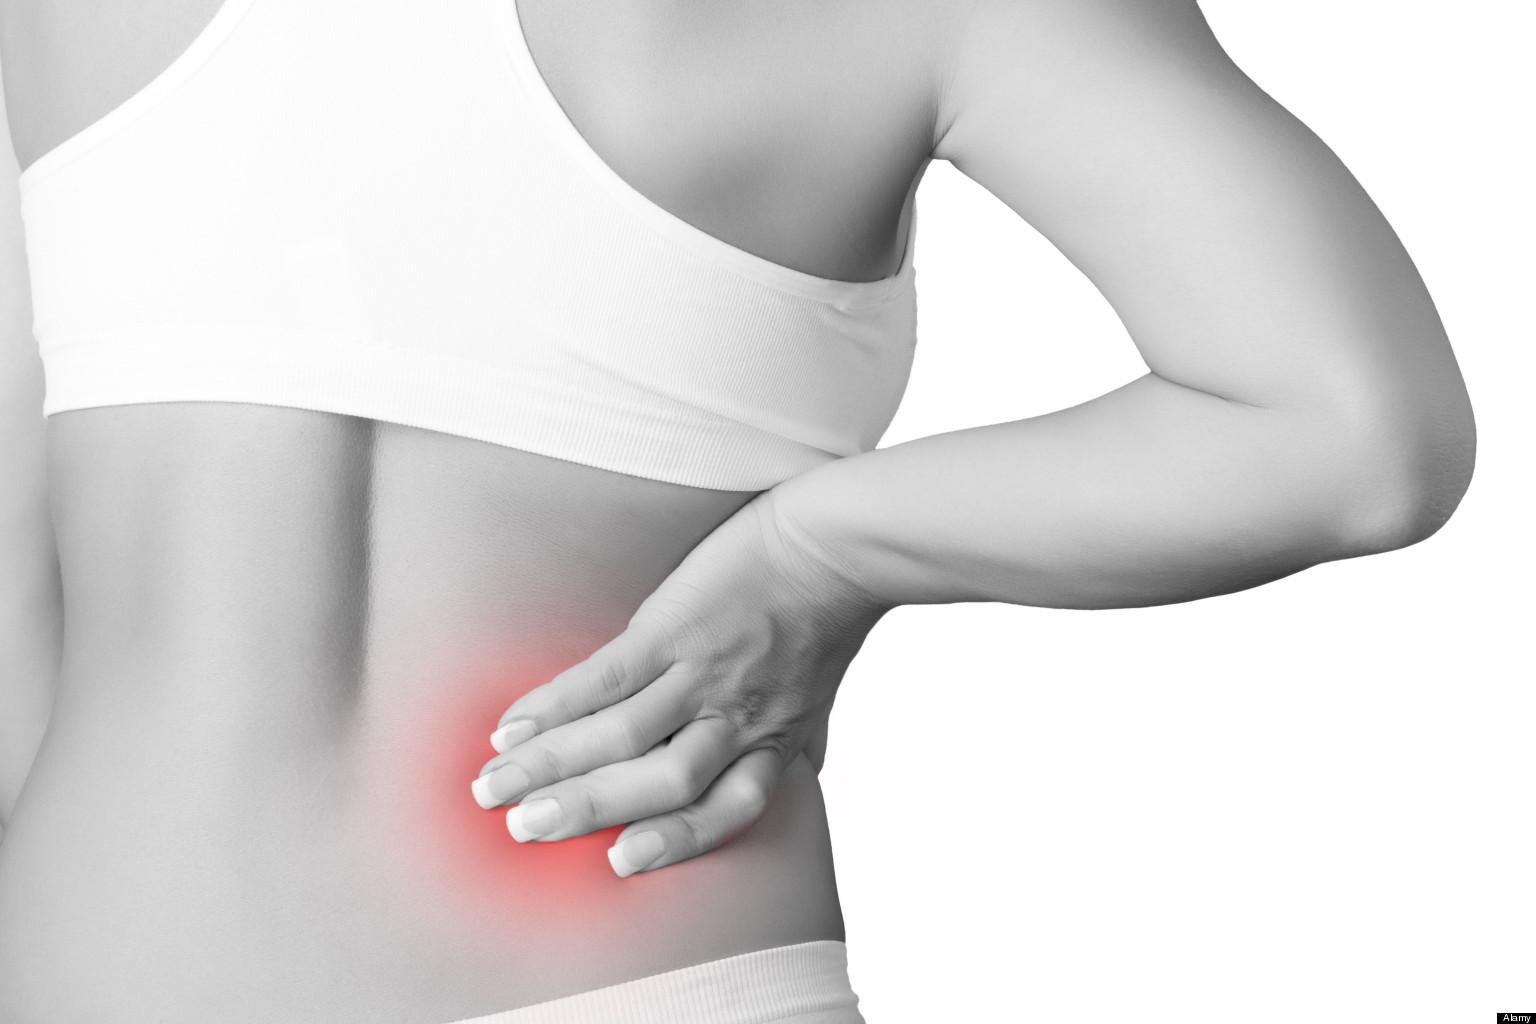 Fait mal le dos de pour les nerfs